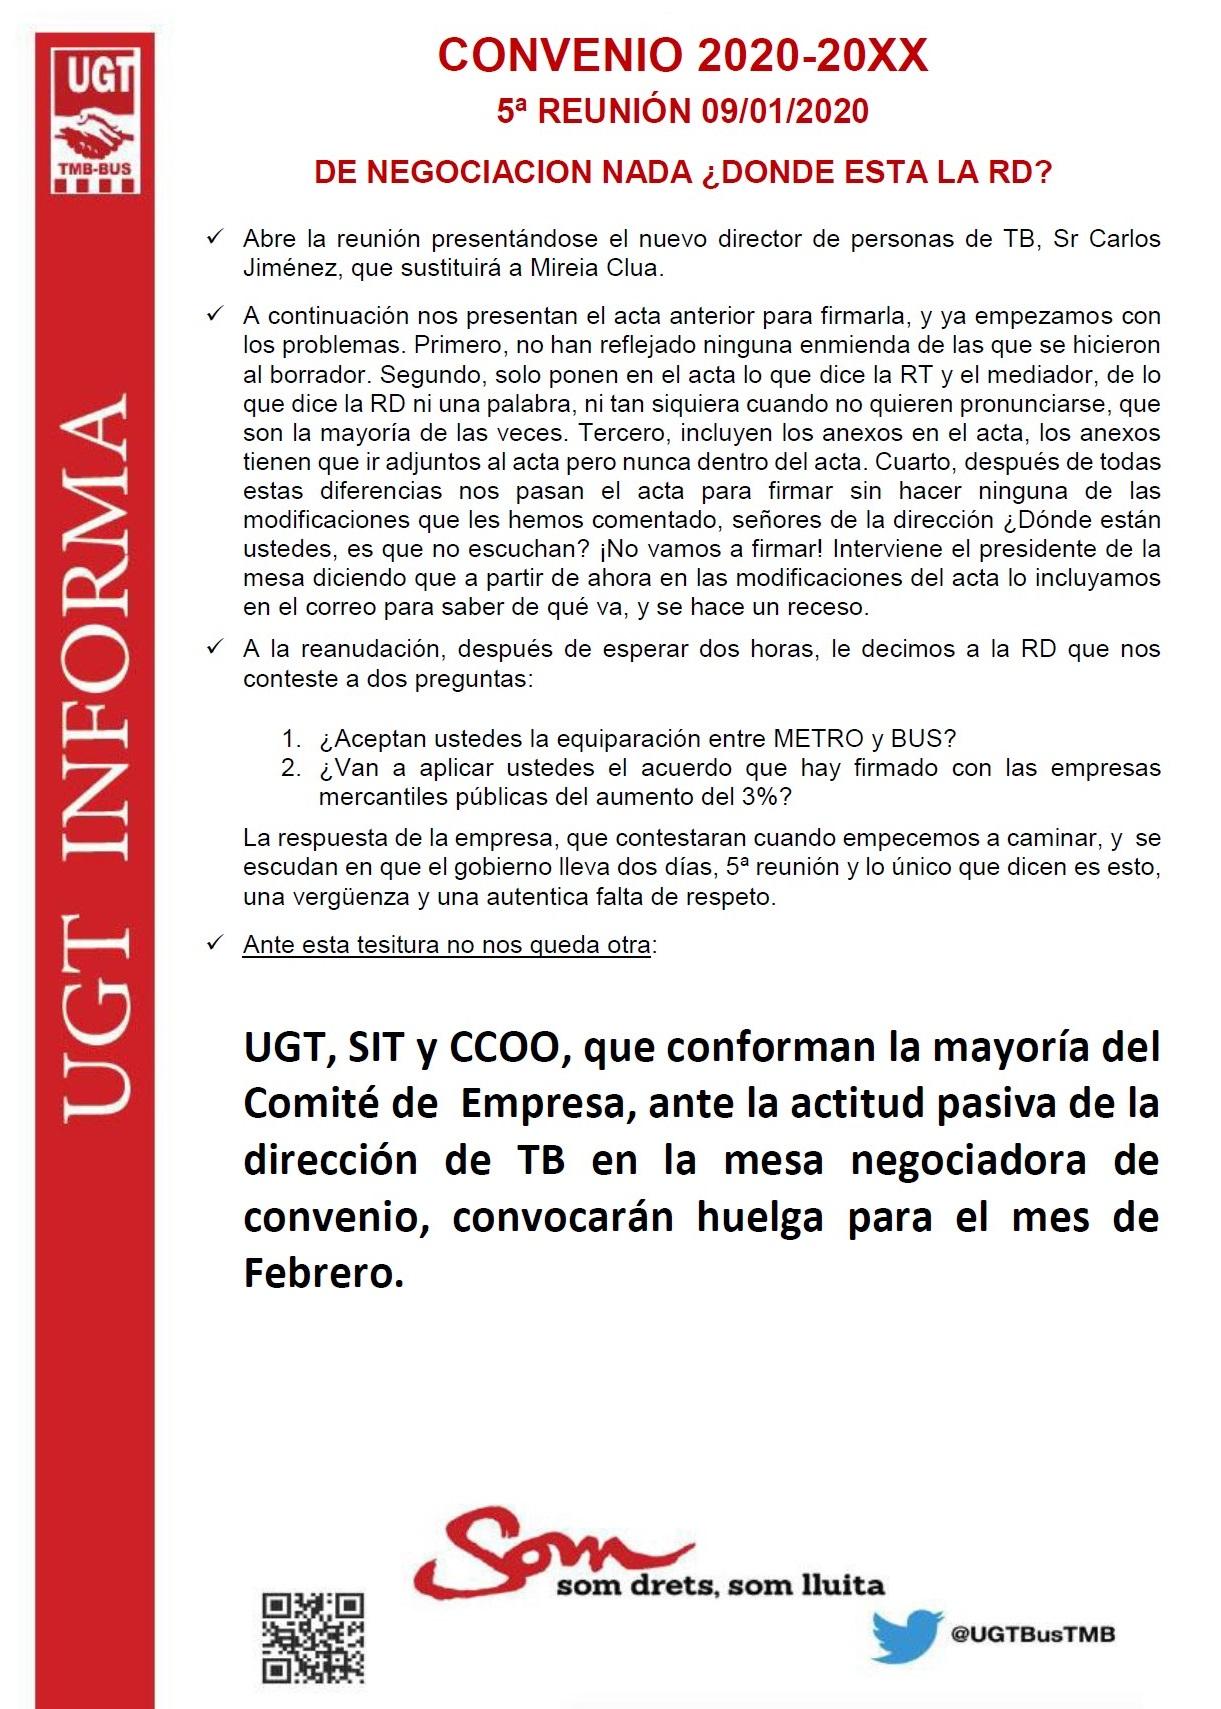 5ª Reunión Convenio 2020-20XX